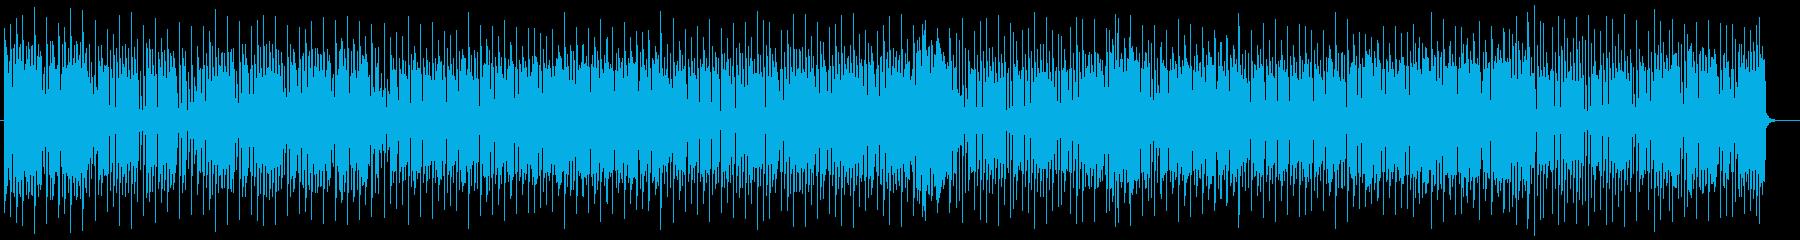 緩やかで軽快なシンセとエレキサウンドの再生済みの波形